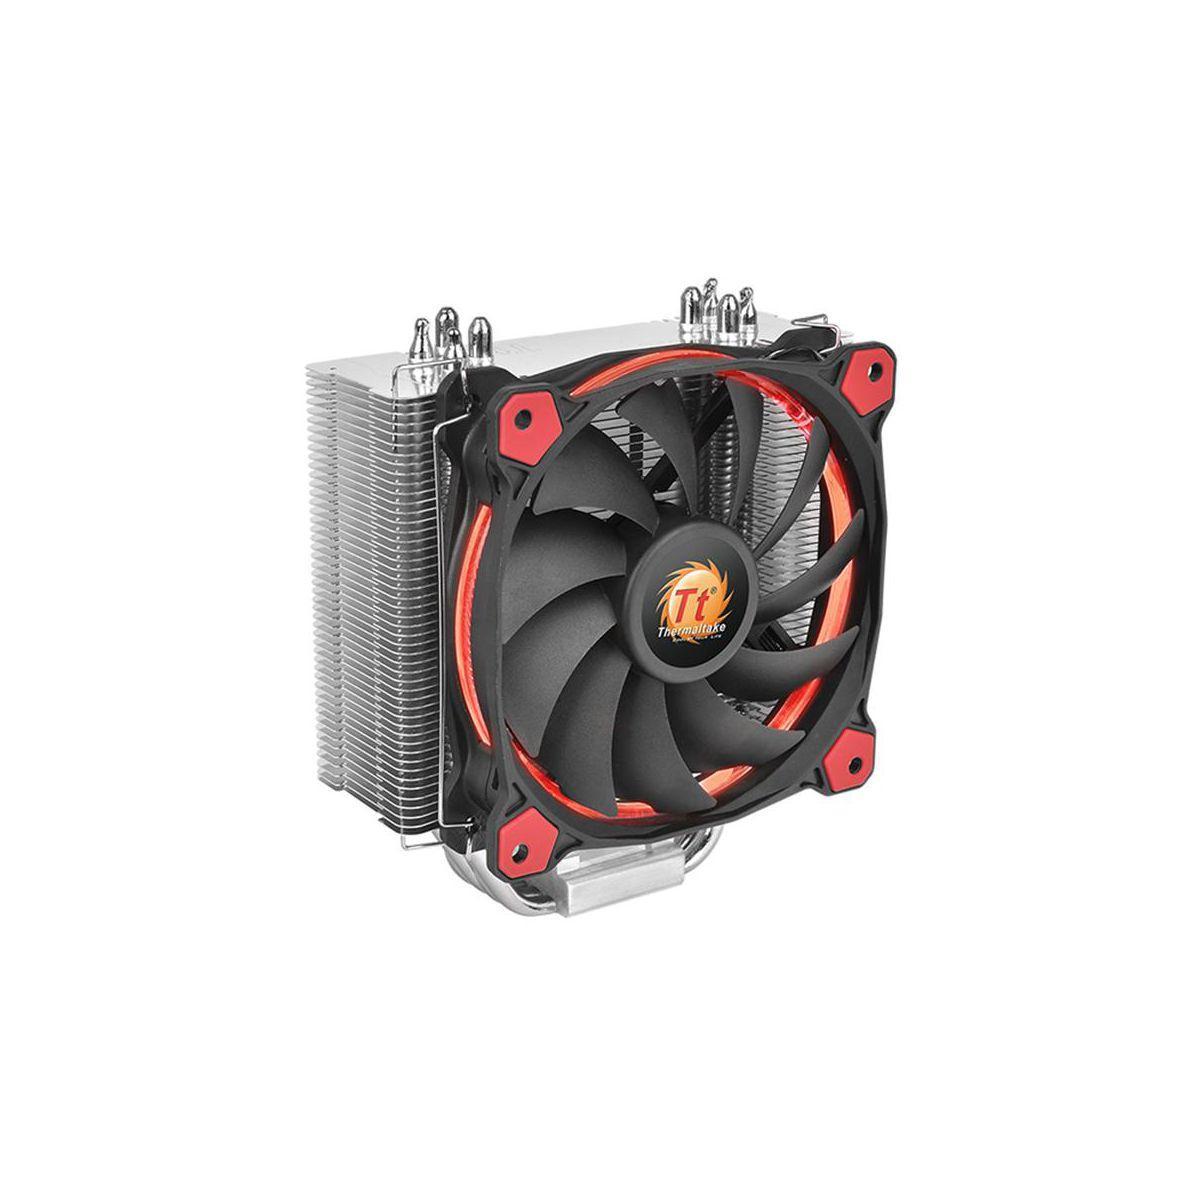 Ventilateur pc thermaltake riing silent 12 rouge - 2% de remise imm�diate avec le code : deal2 (photo)